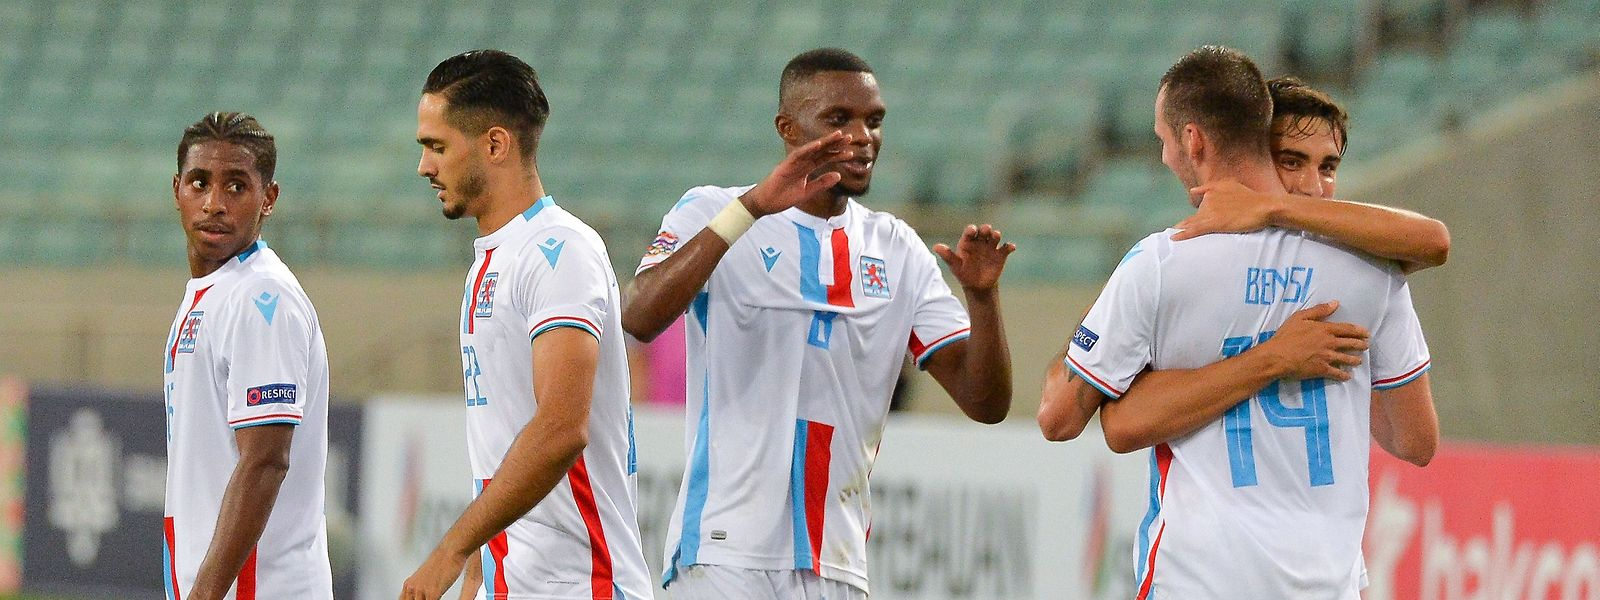 La sélection nationale a livré deux rencontres de qualité en ouverture de la Ligue des nations en septembre dernier.